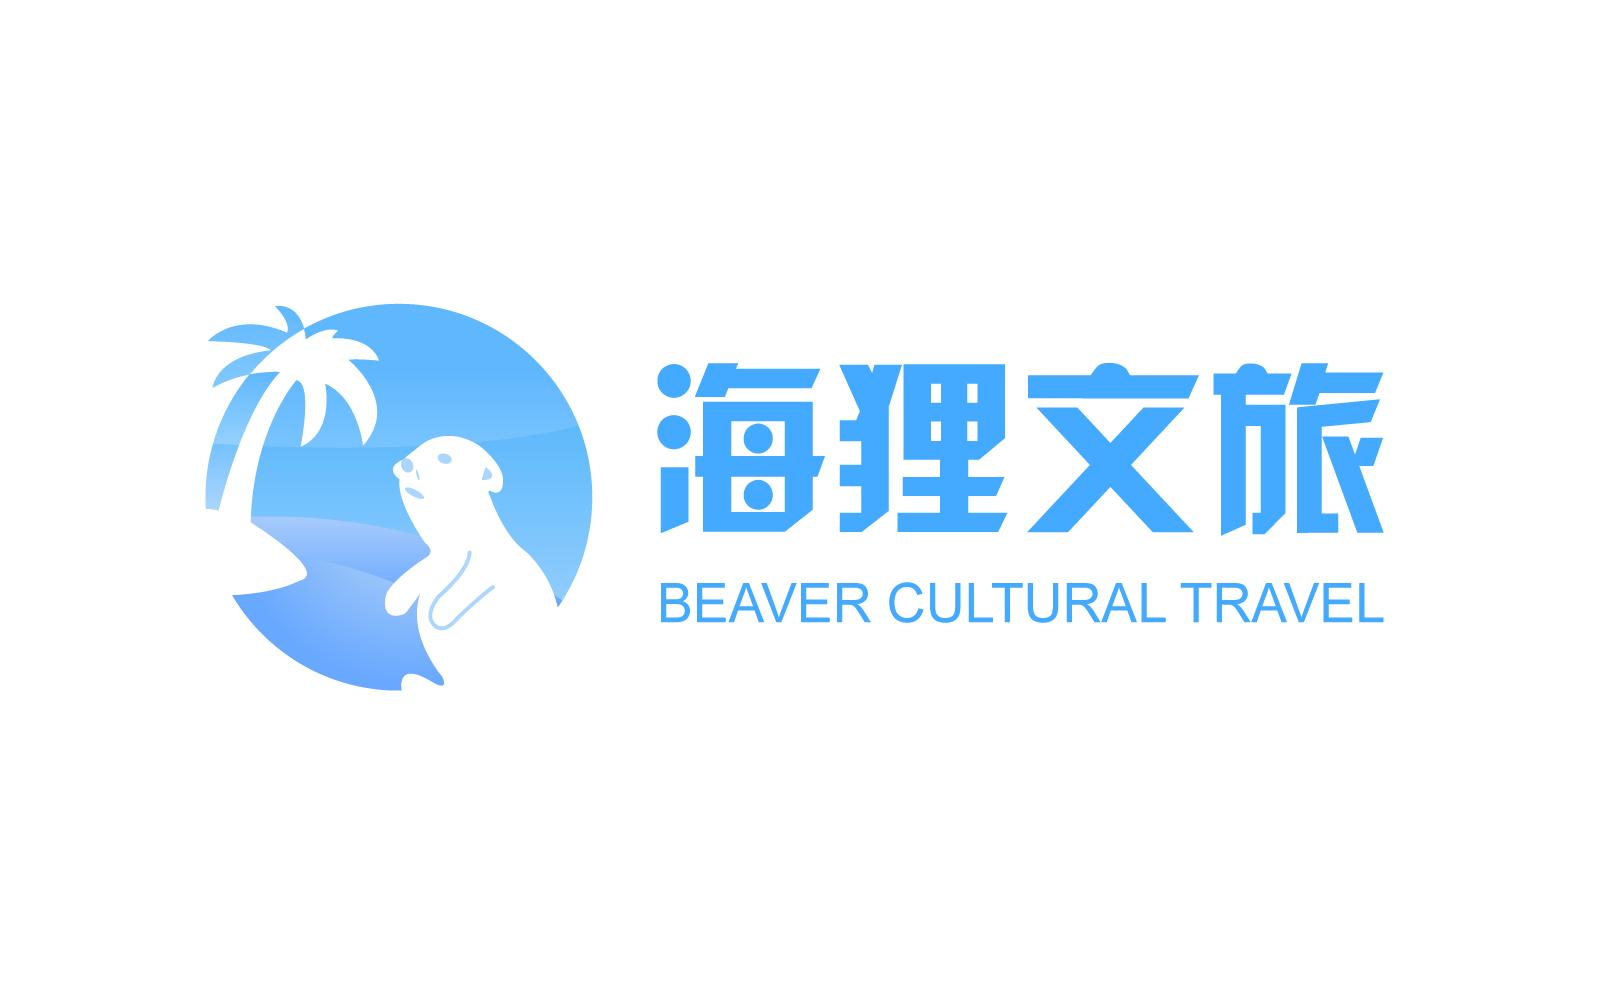 2018智慧旅游公司十大品牌榜中榜